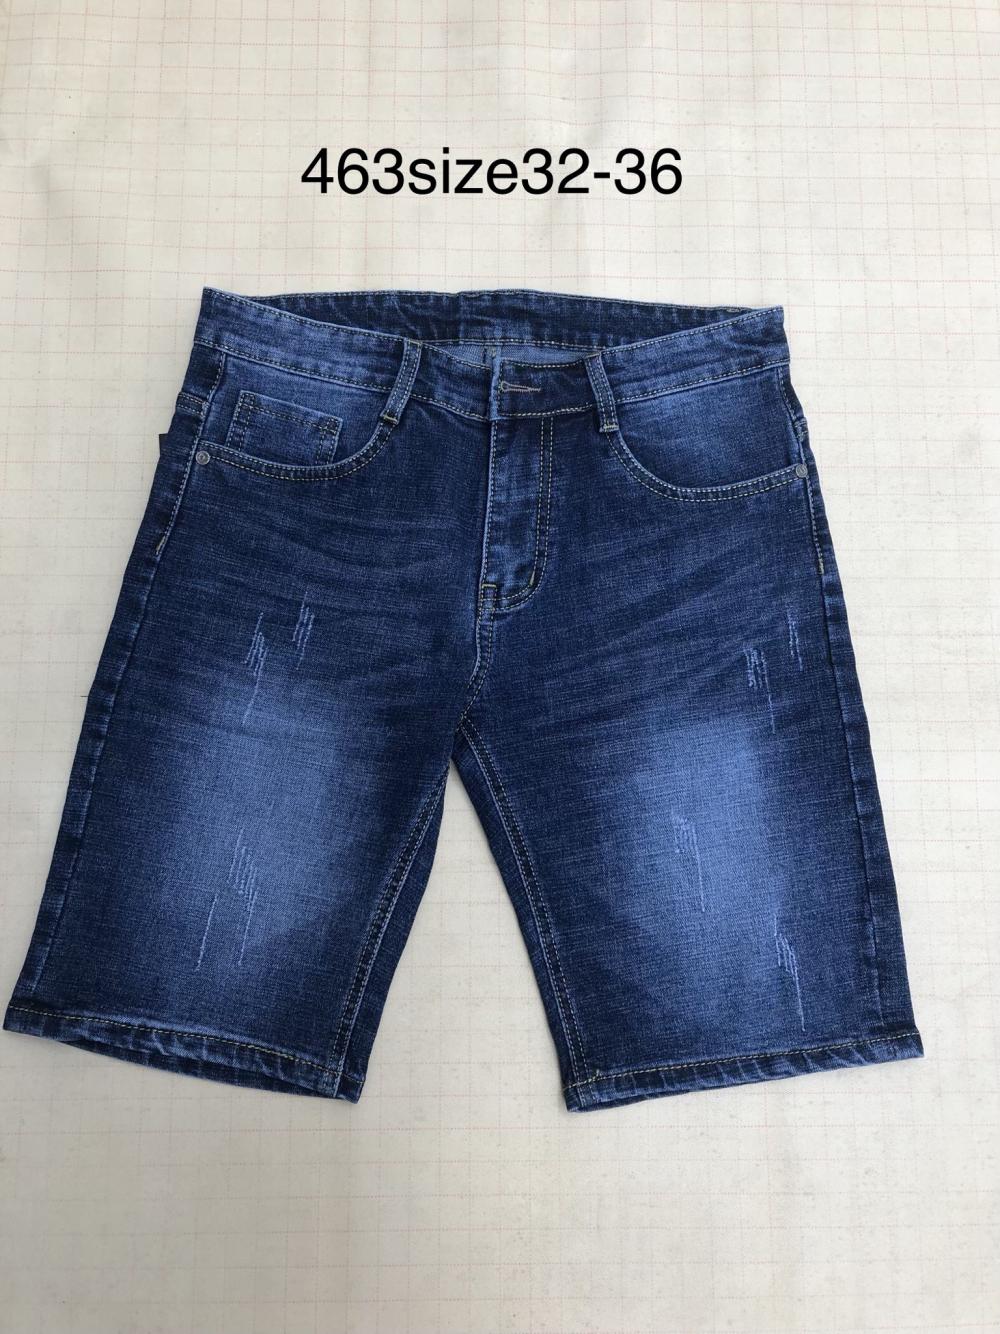 Quần jean short nam 463